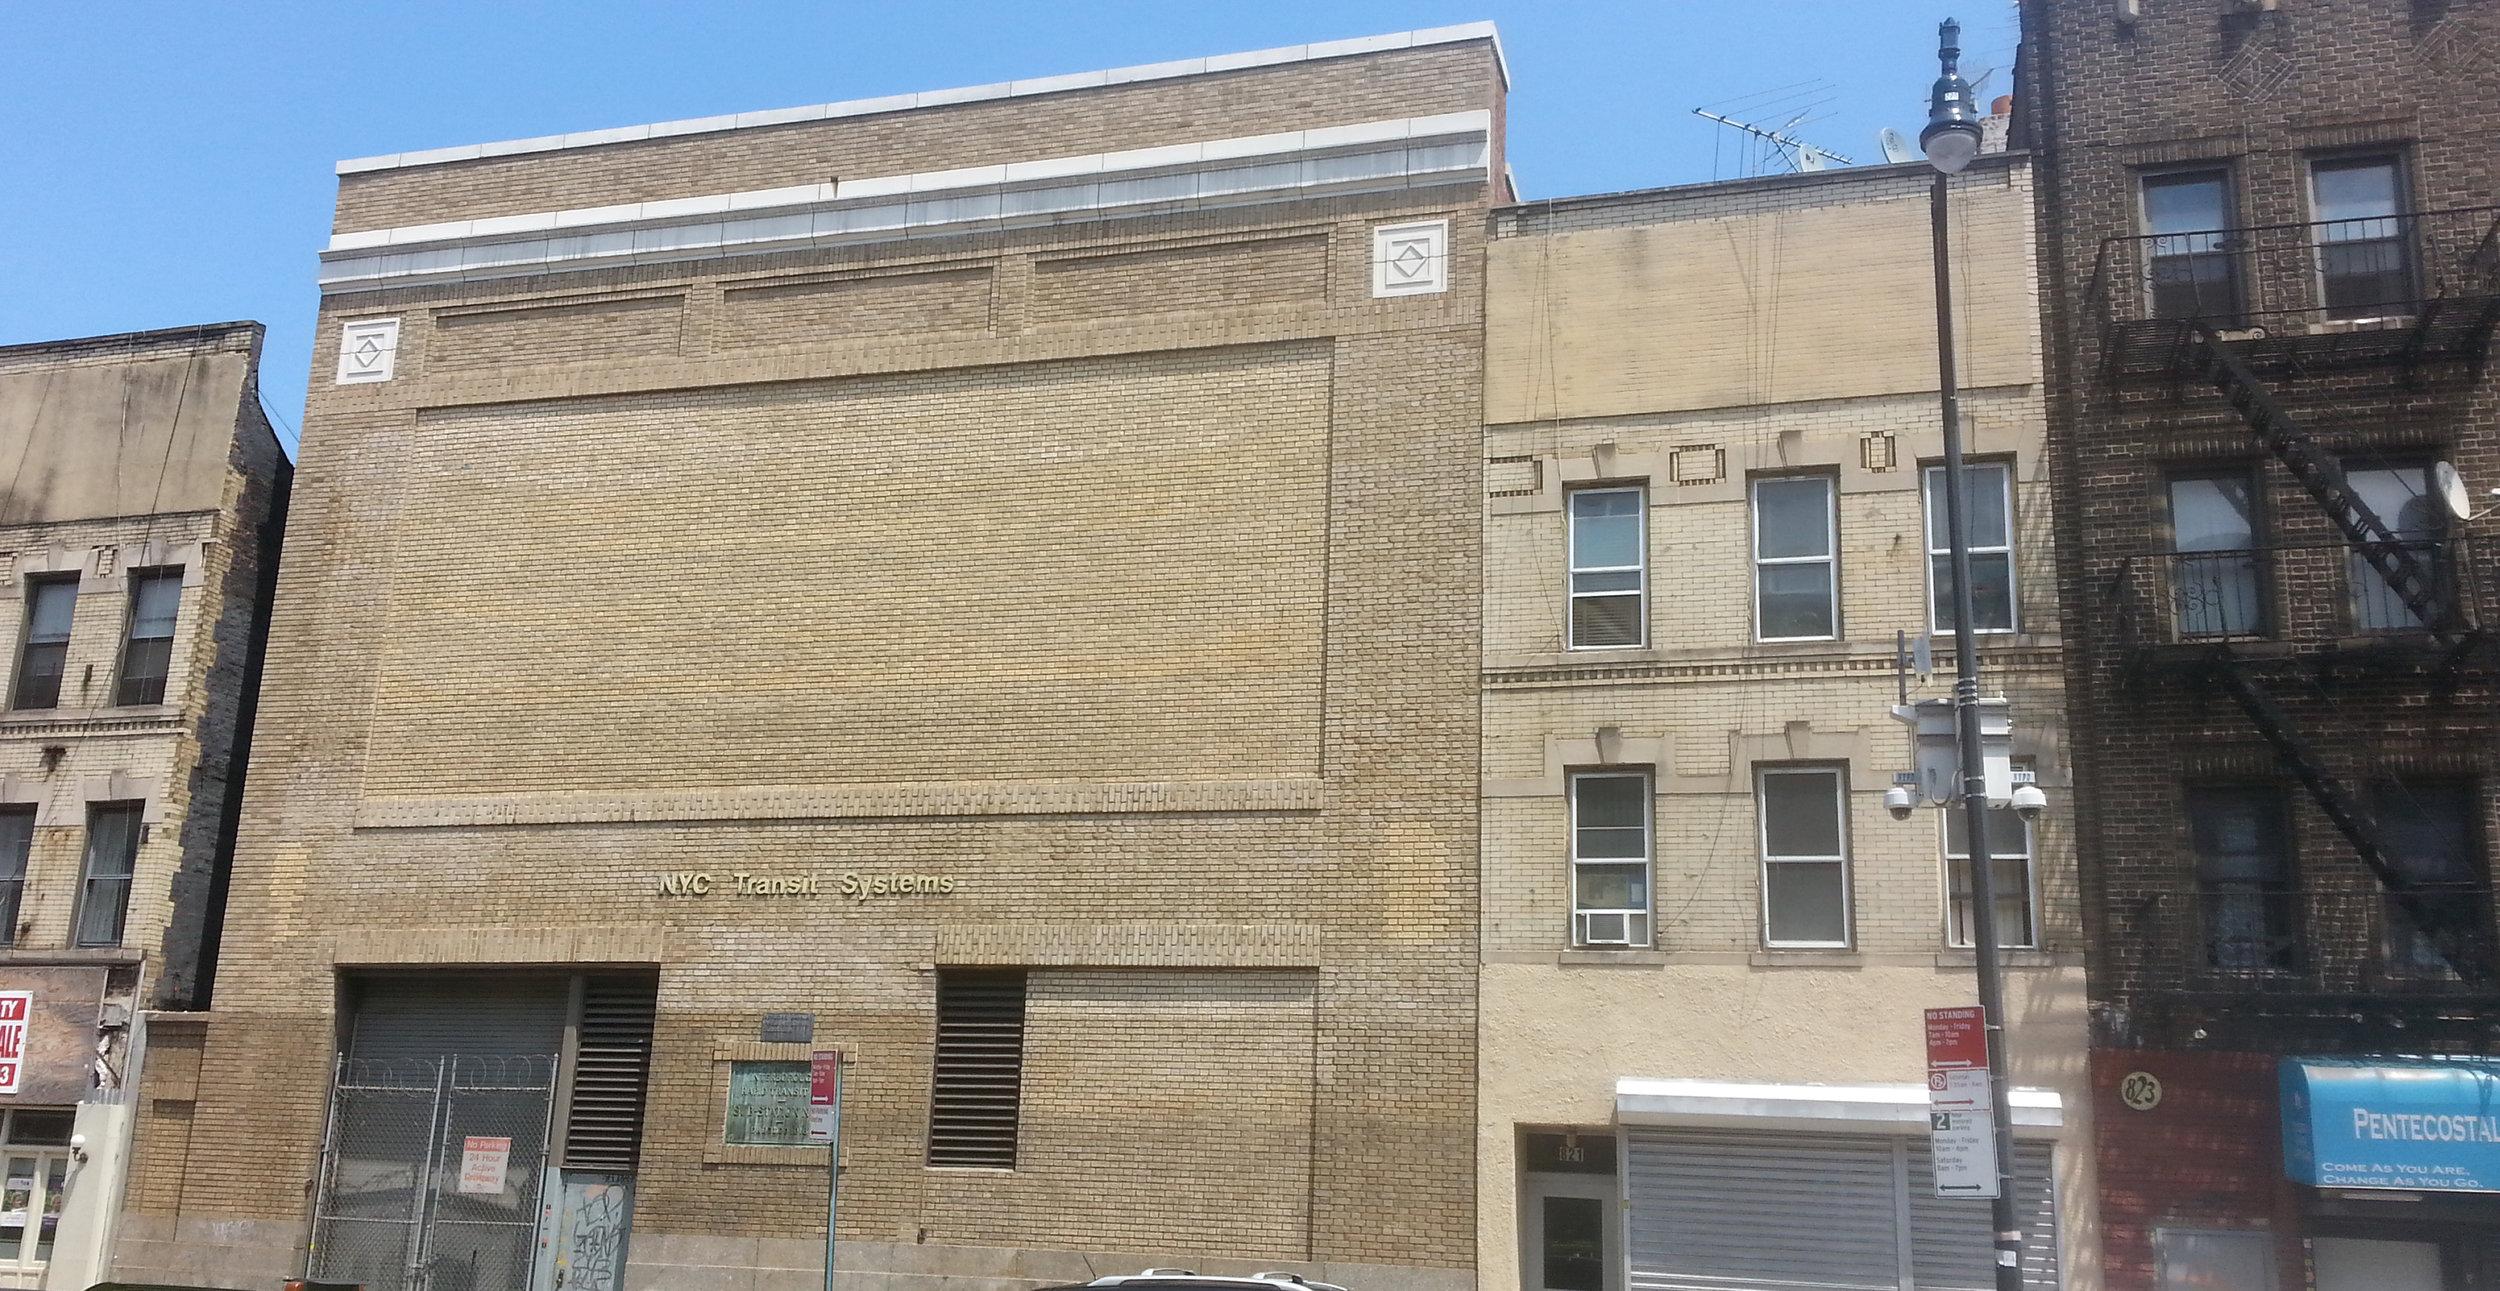 819 Nostrand Ave., Brooklyn, NY. Photo: Darryl Montgomery.